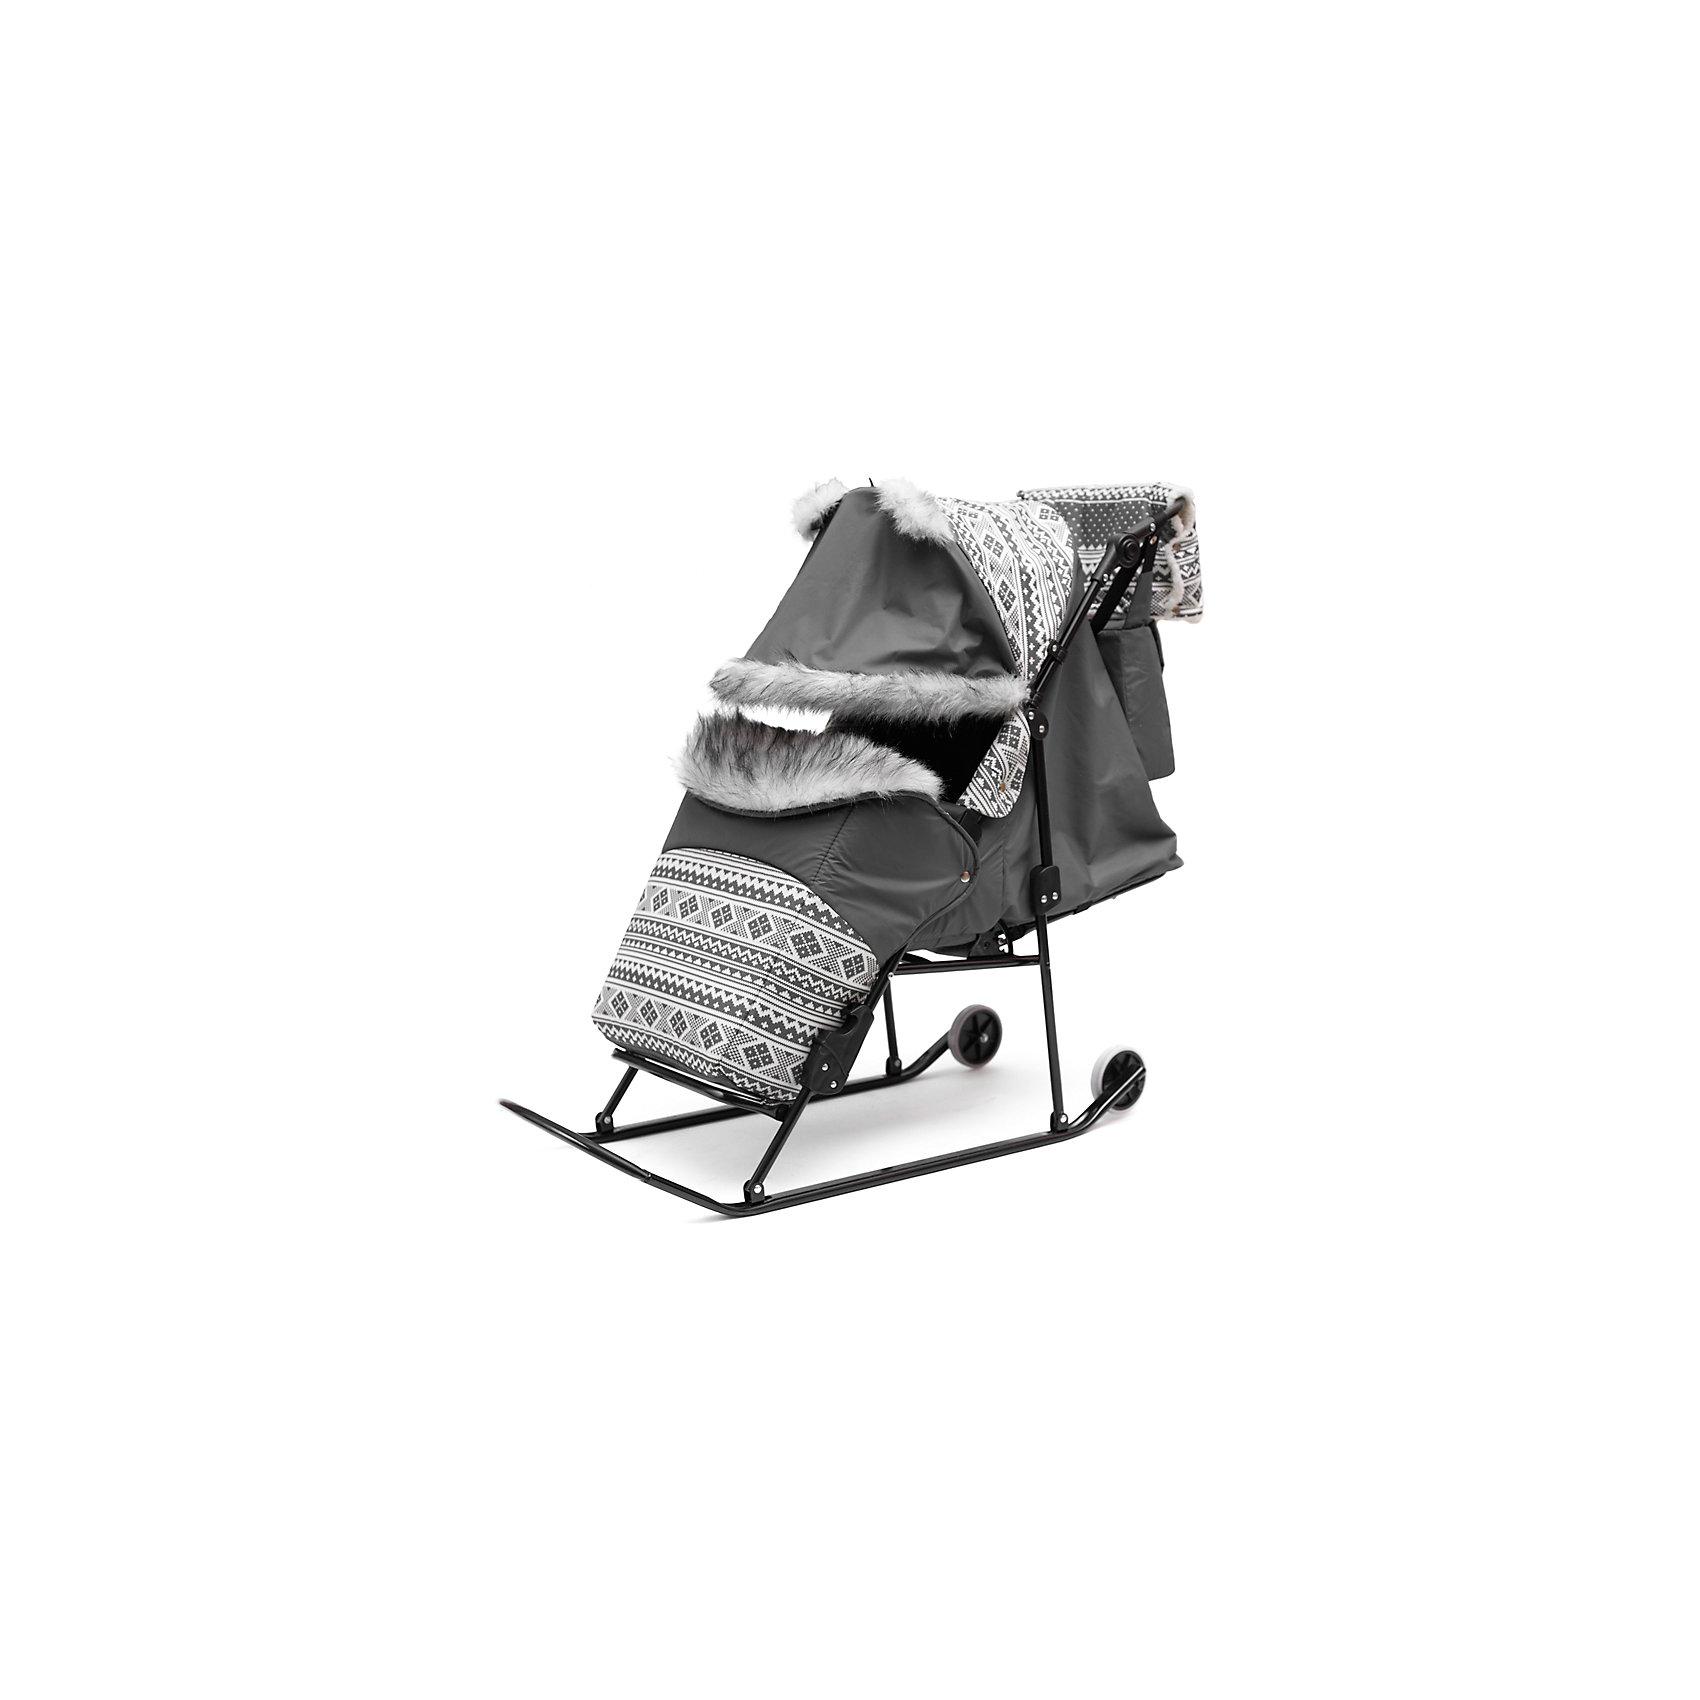 Скандинавия Санки-коляска Скандинавия 2УМ Авто, черная рама, ABC Academy, серый abc academy санки коляска скандинавия 2ум большие колеса белая рама abc academy серый